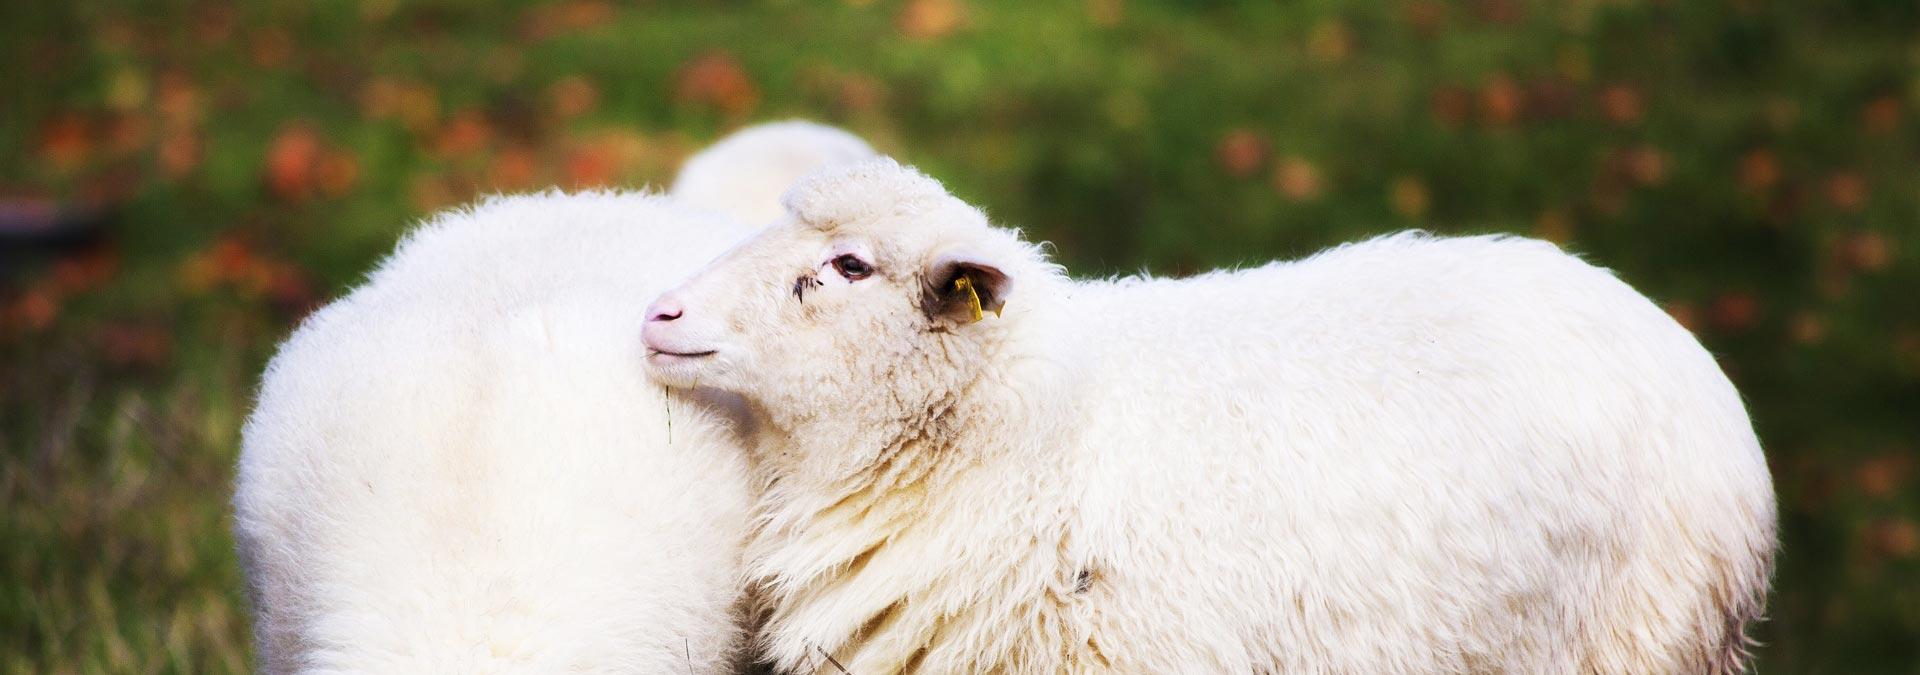 Sheep Breeding Country Tour of Slovakia, Slovakia Travel, Location